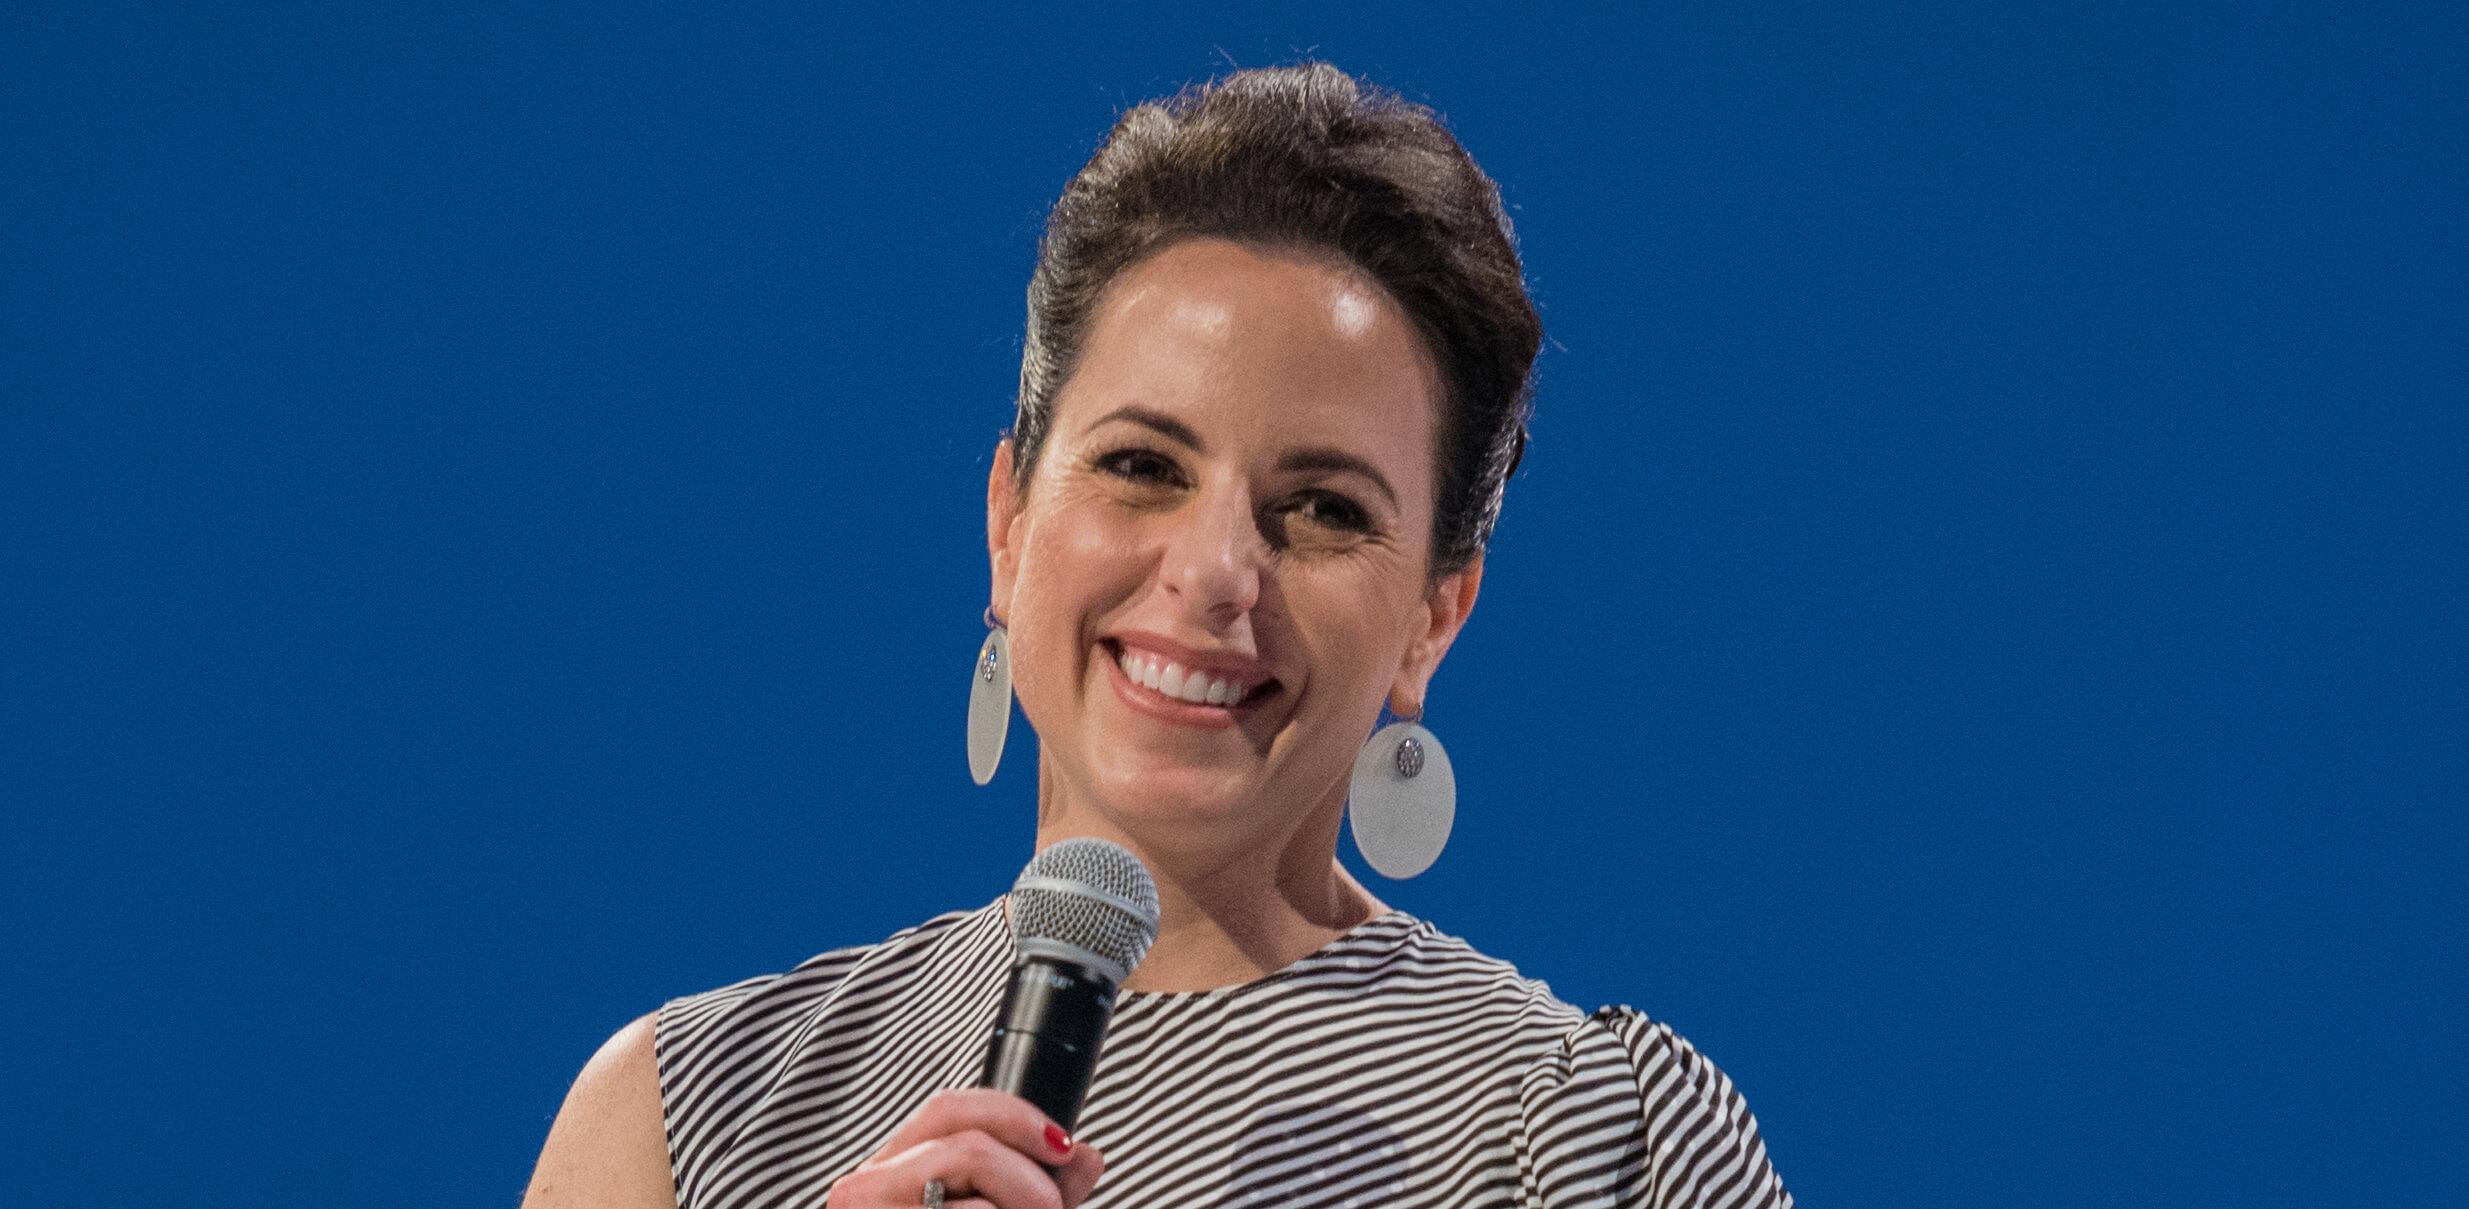 Adriana Cisneros Joins Parrot Analytics Board Of Directors